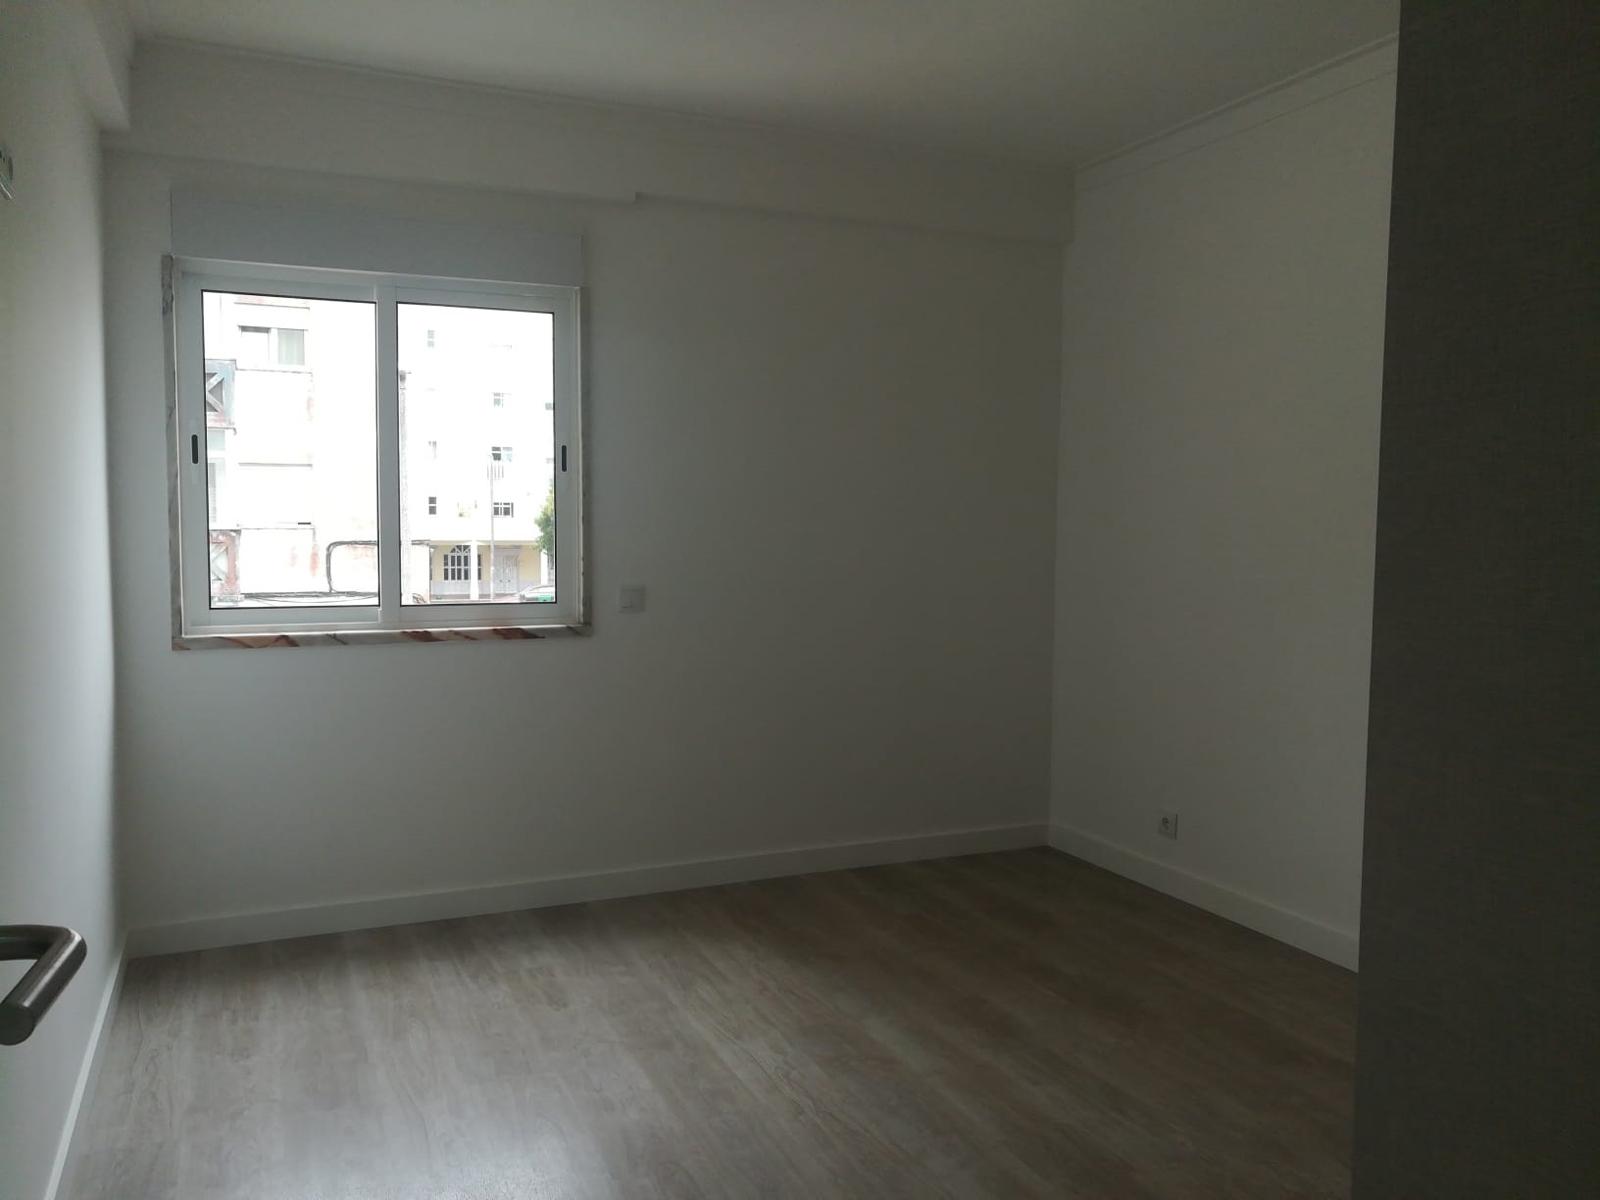 דירת 3 חדרים עם מרפסת, איזור ליסבון, למכירה